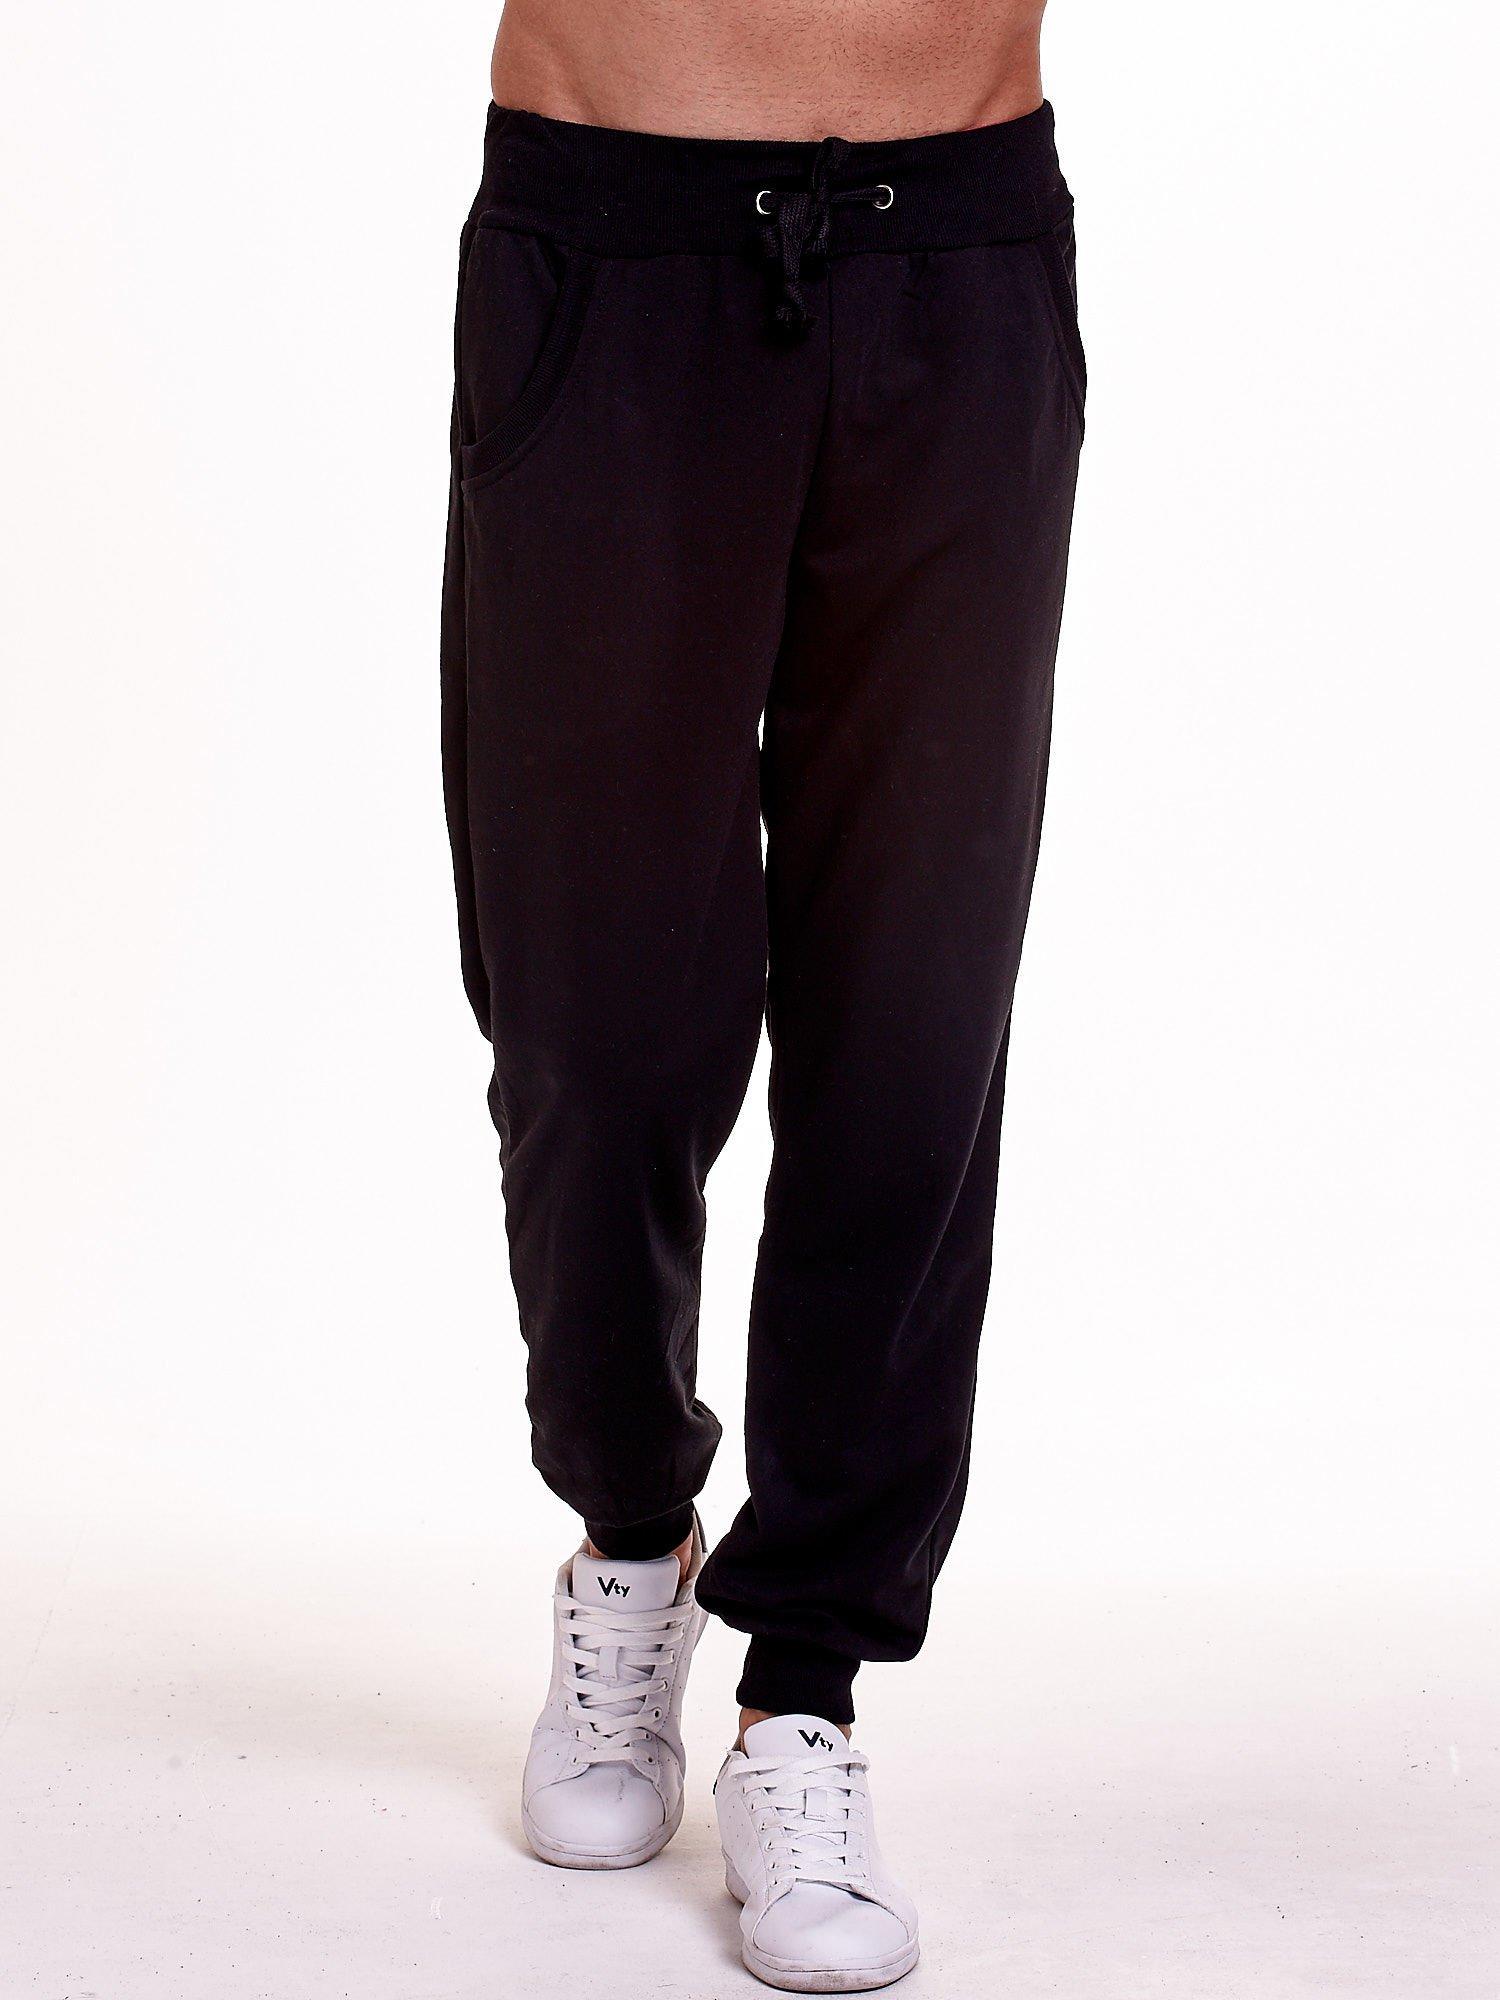 Czarne dresowe spodnie męskie z trokami w pasie i kieszeniami                                  zdj.                                  1